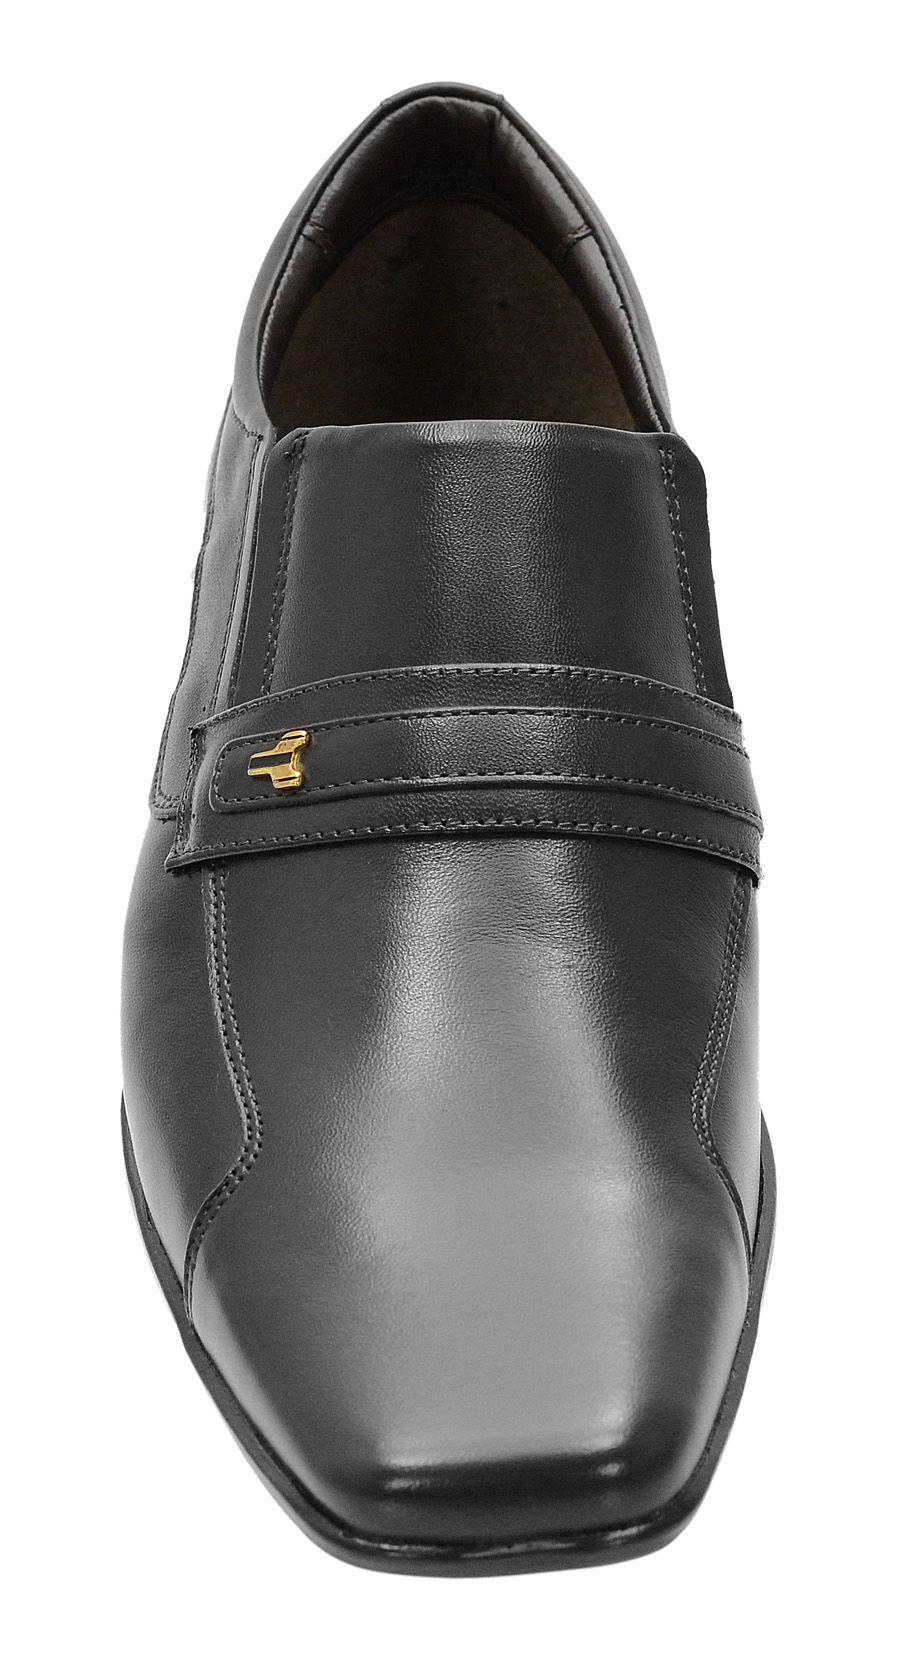 Sapato Social 193 preto Em couro legitimo